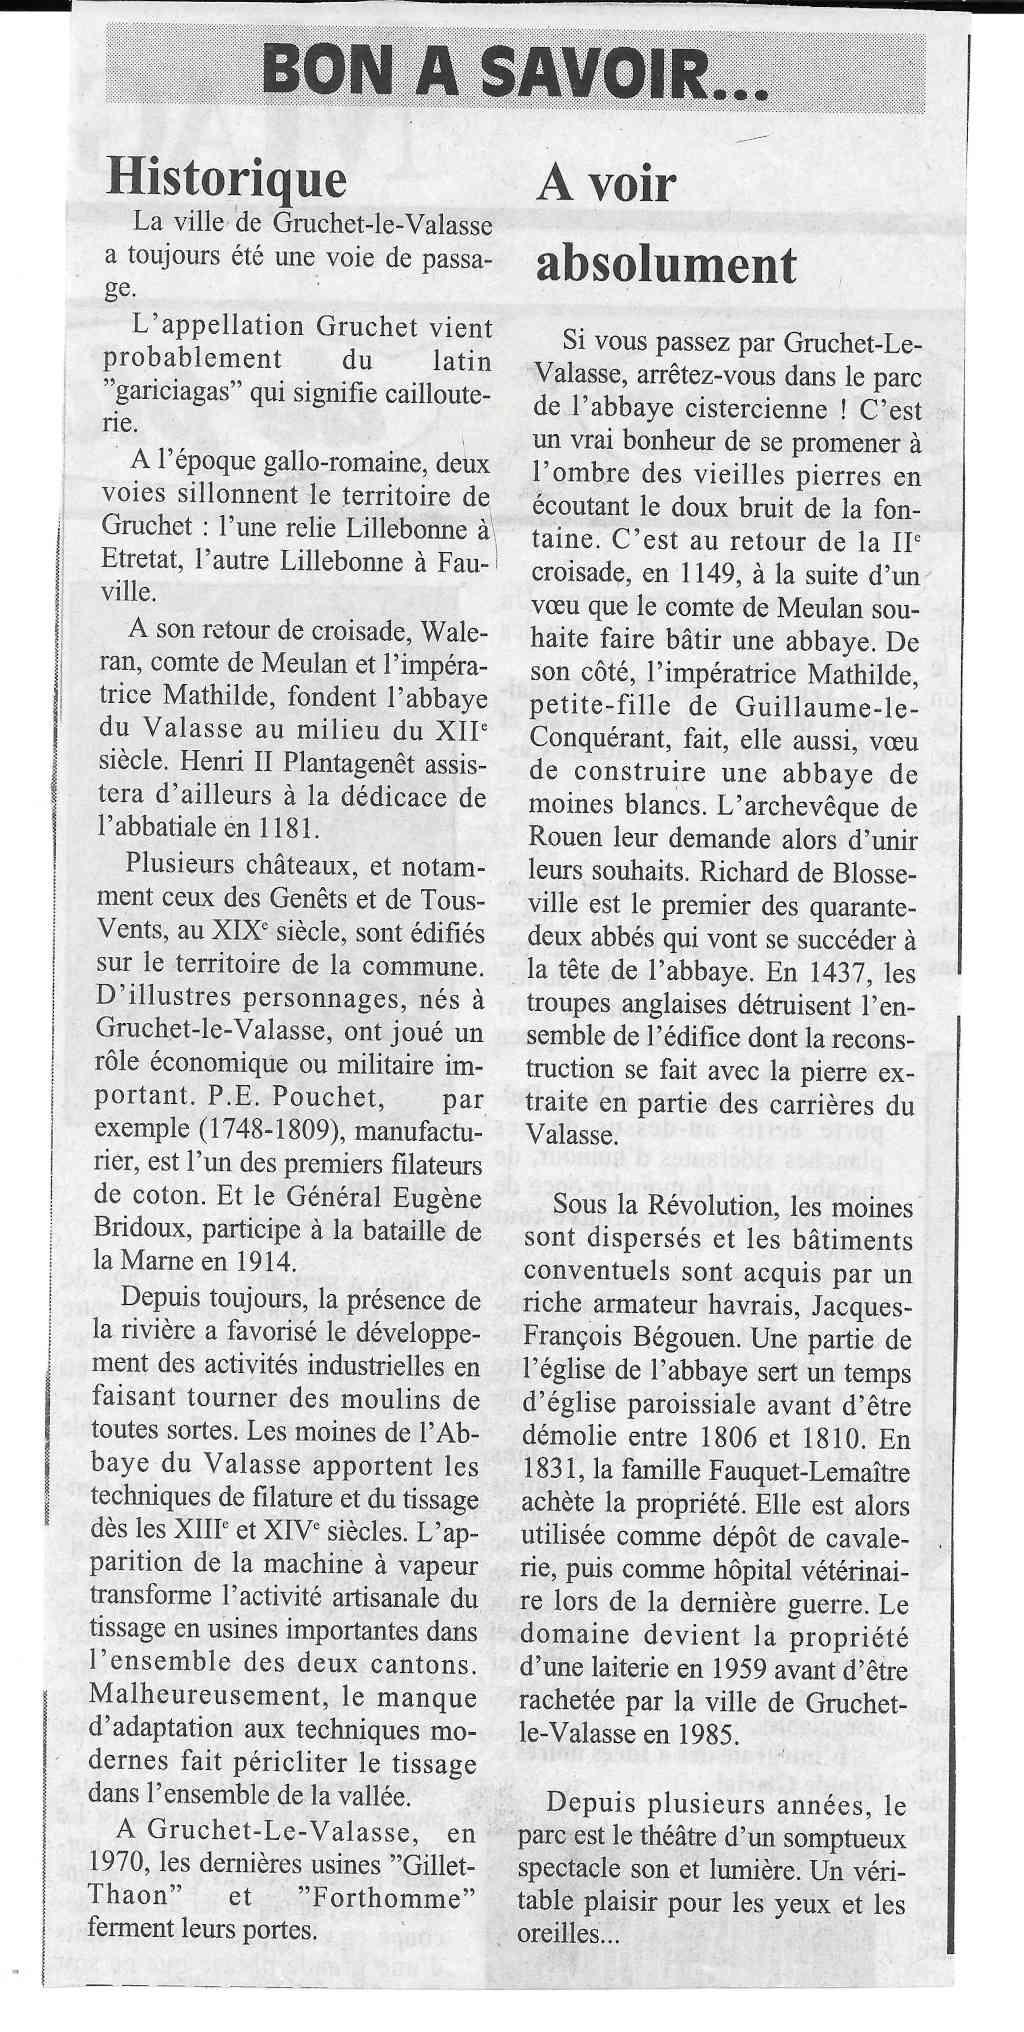 Histoire des communes - Gruchet-le-Valasse 229